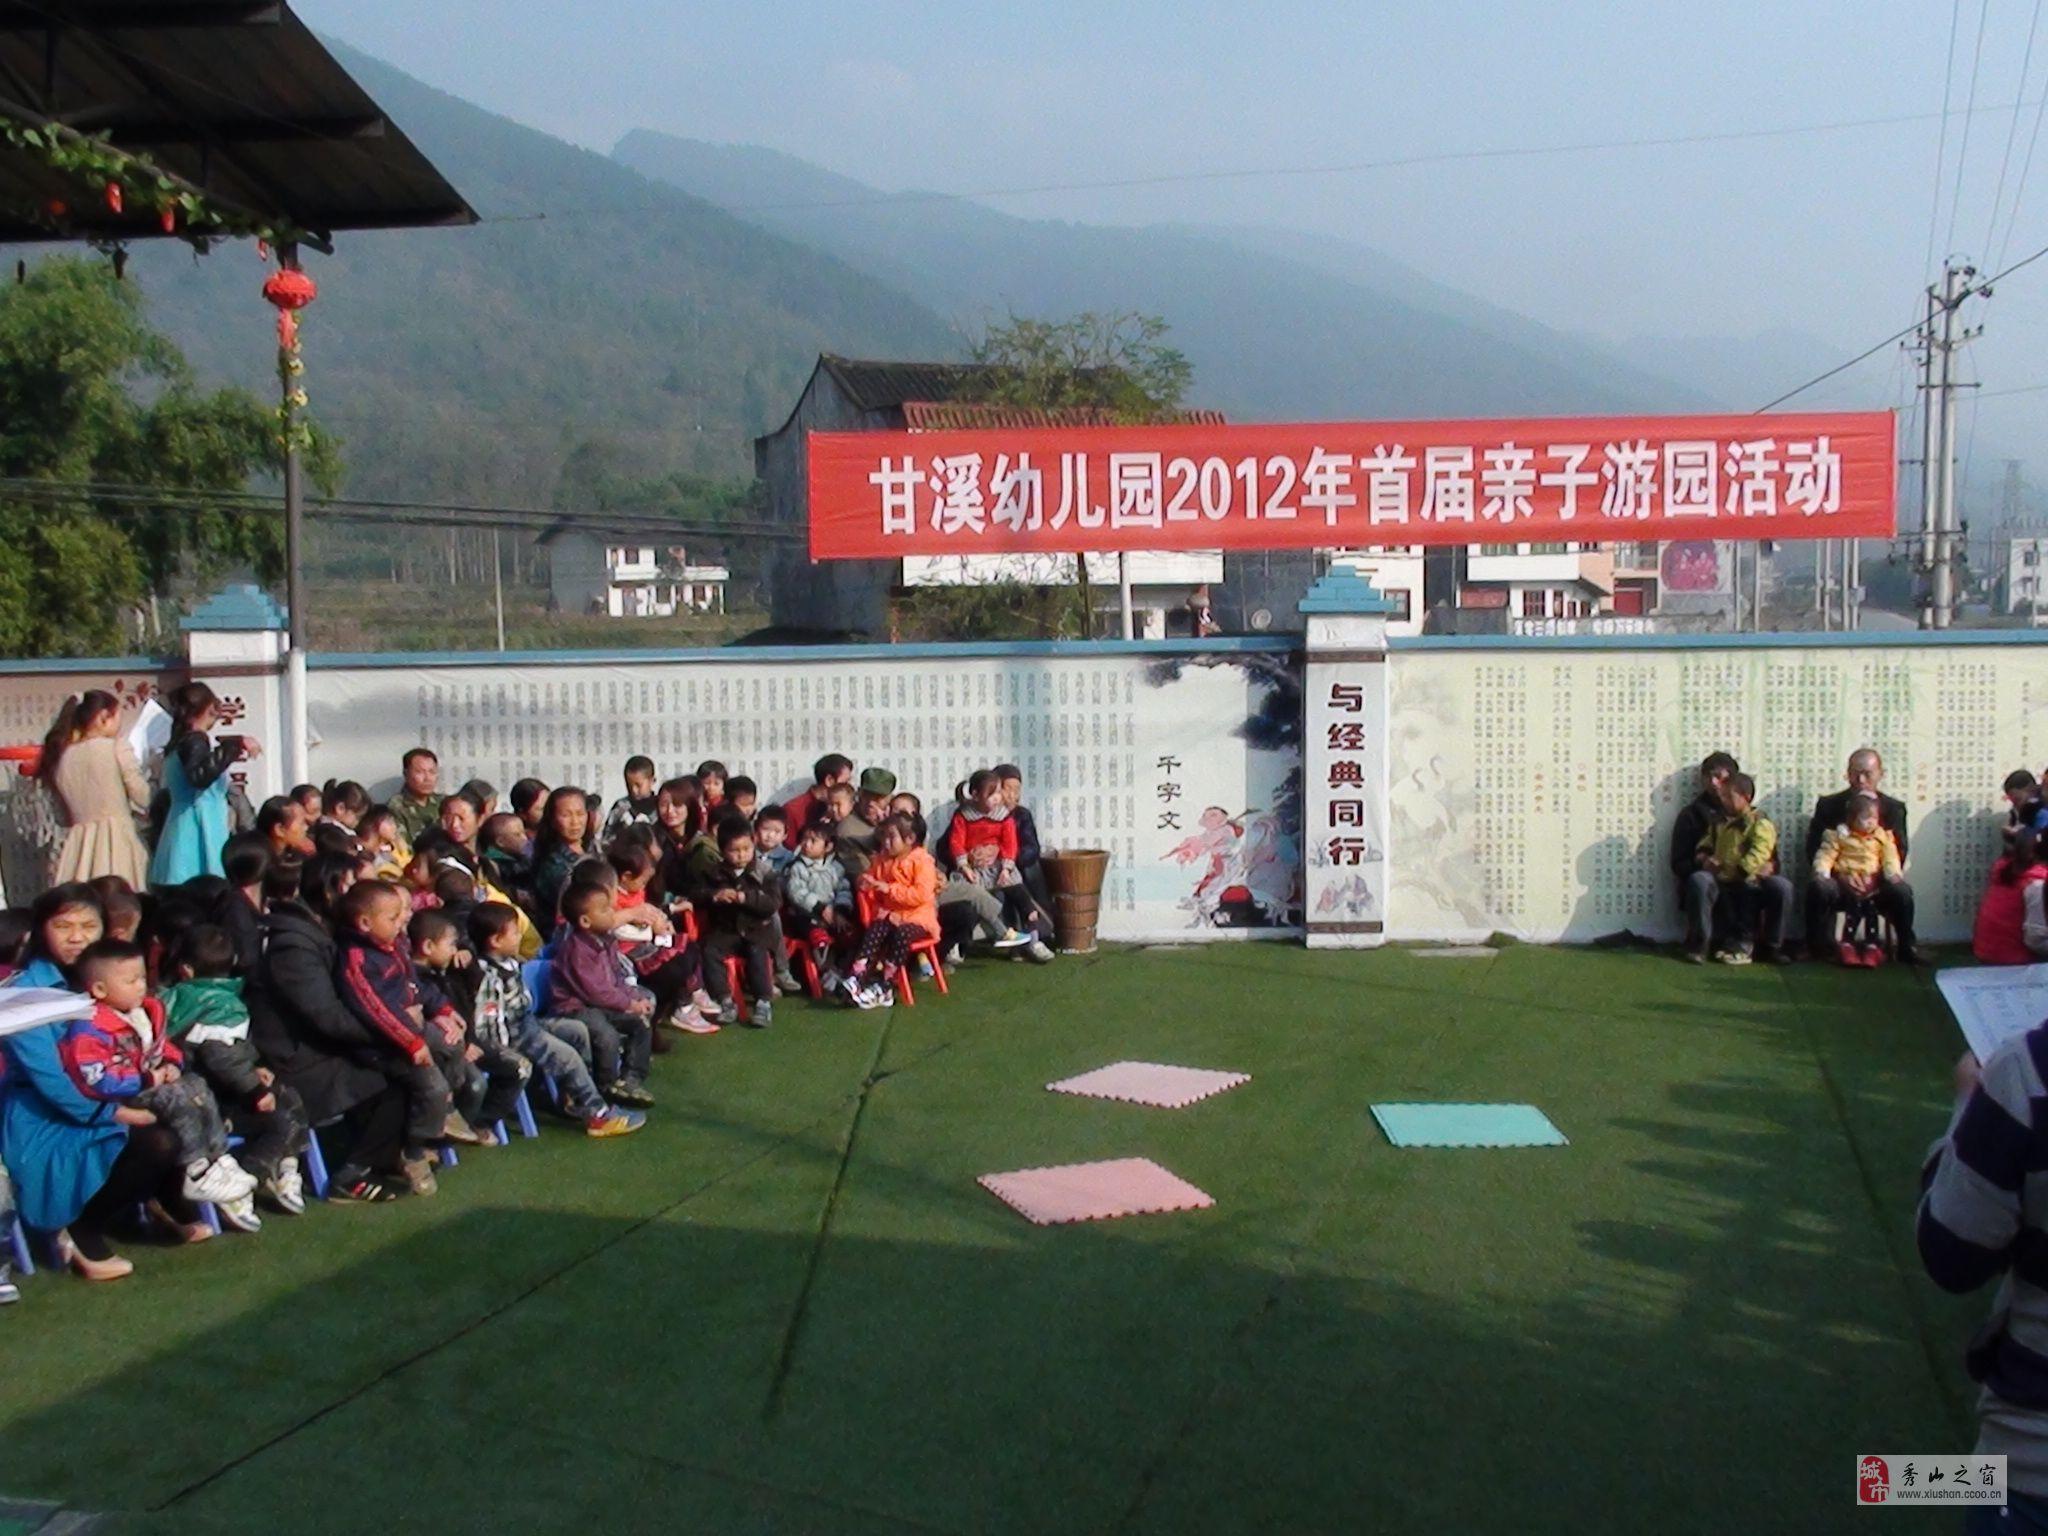 溶溪镇甘溪幼儿园2012年活动论坛图片